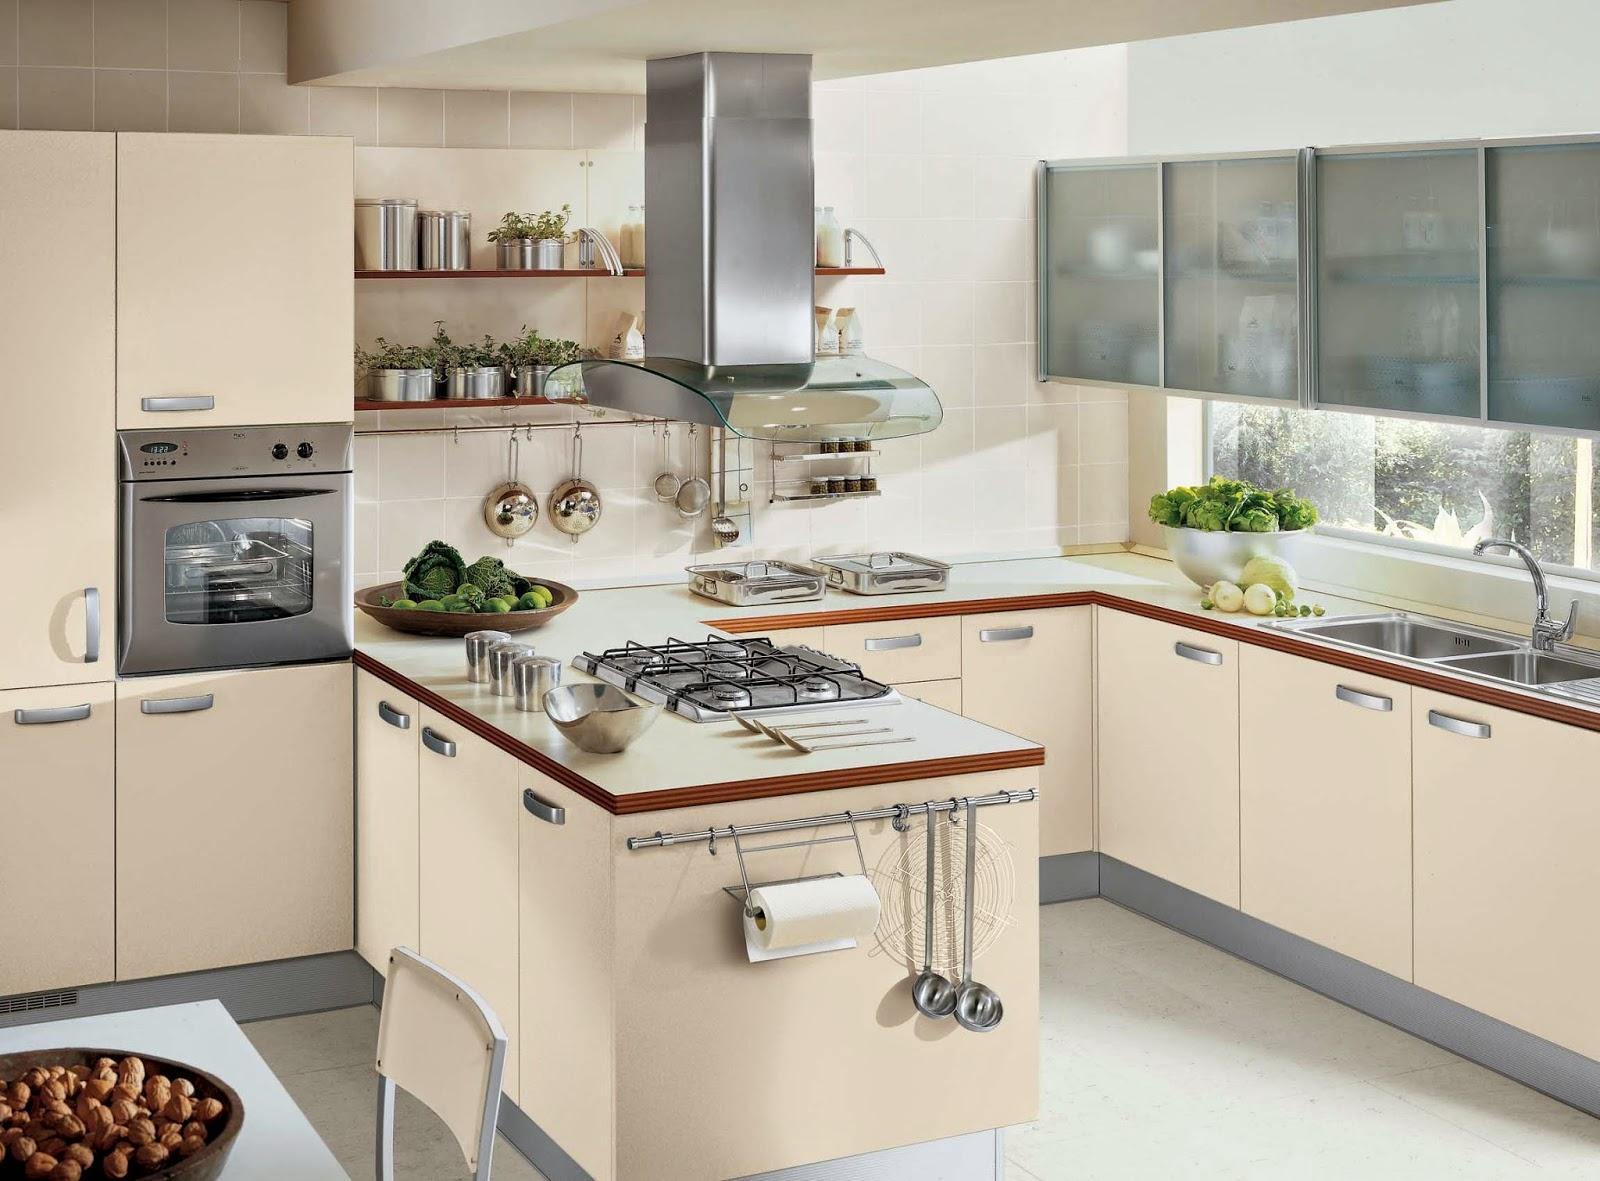 Id es d co pour cuisine moderne maison et mobilier - Idee deco pour cuisine ...